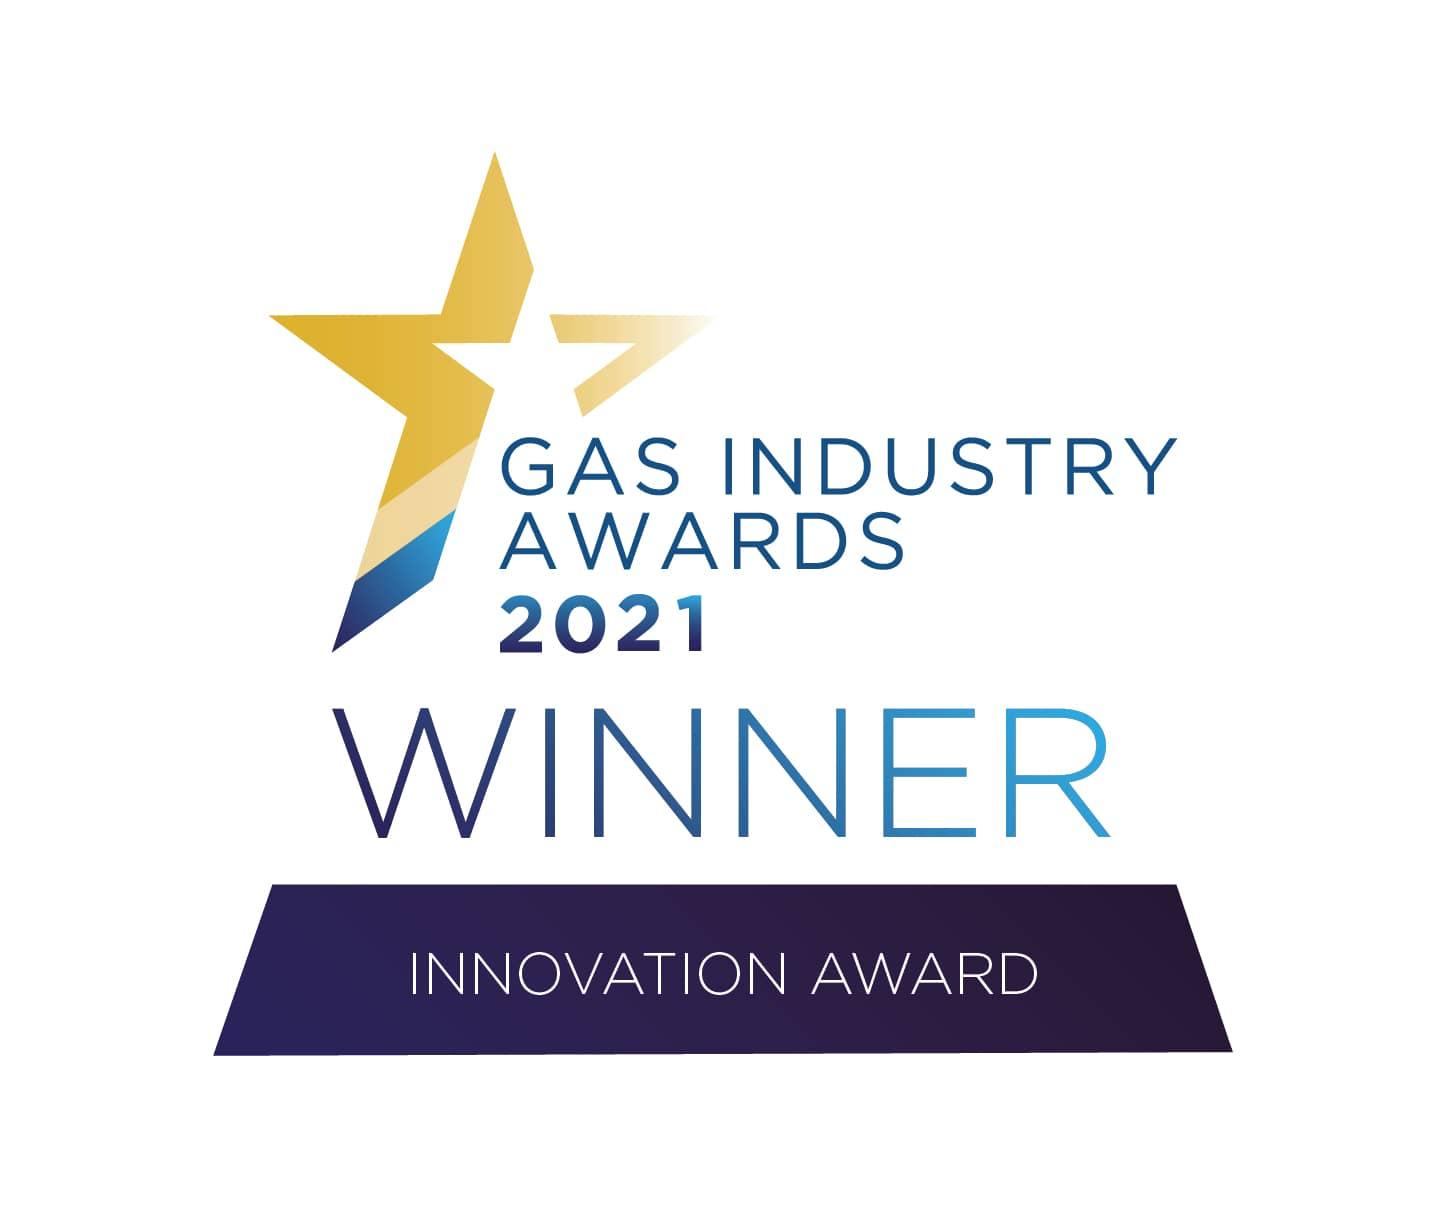 Innovation winner: Baxi hydrogen boiler (Gas Industry Awards 2021)